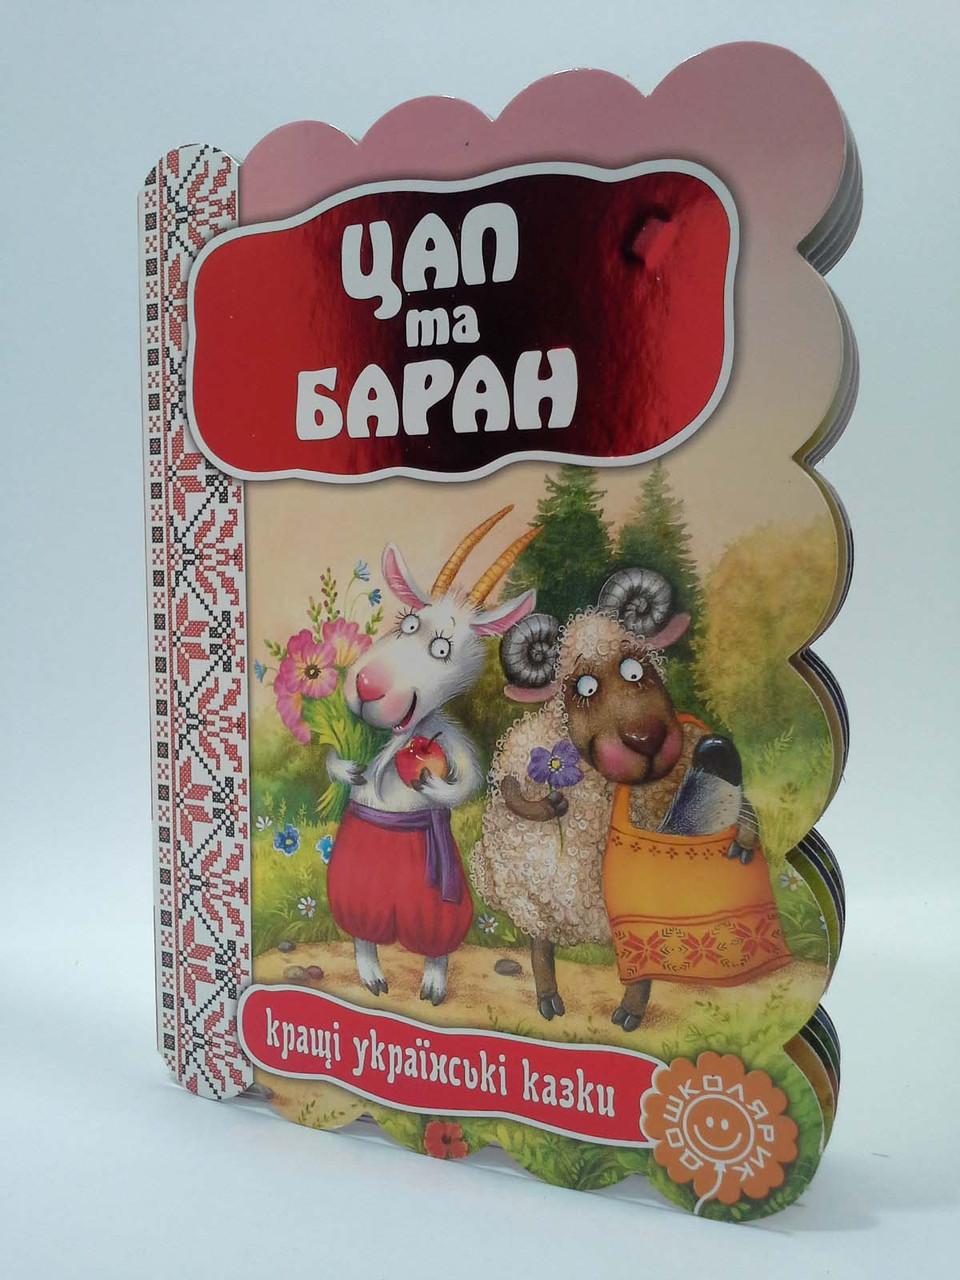 Цап та баран Кращі українські казки Школа